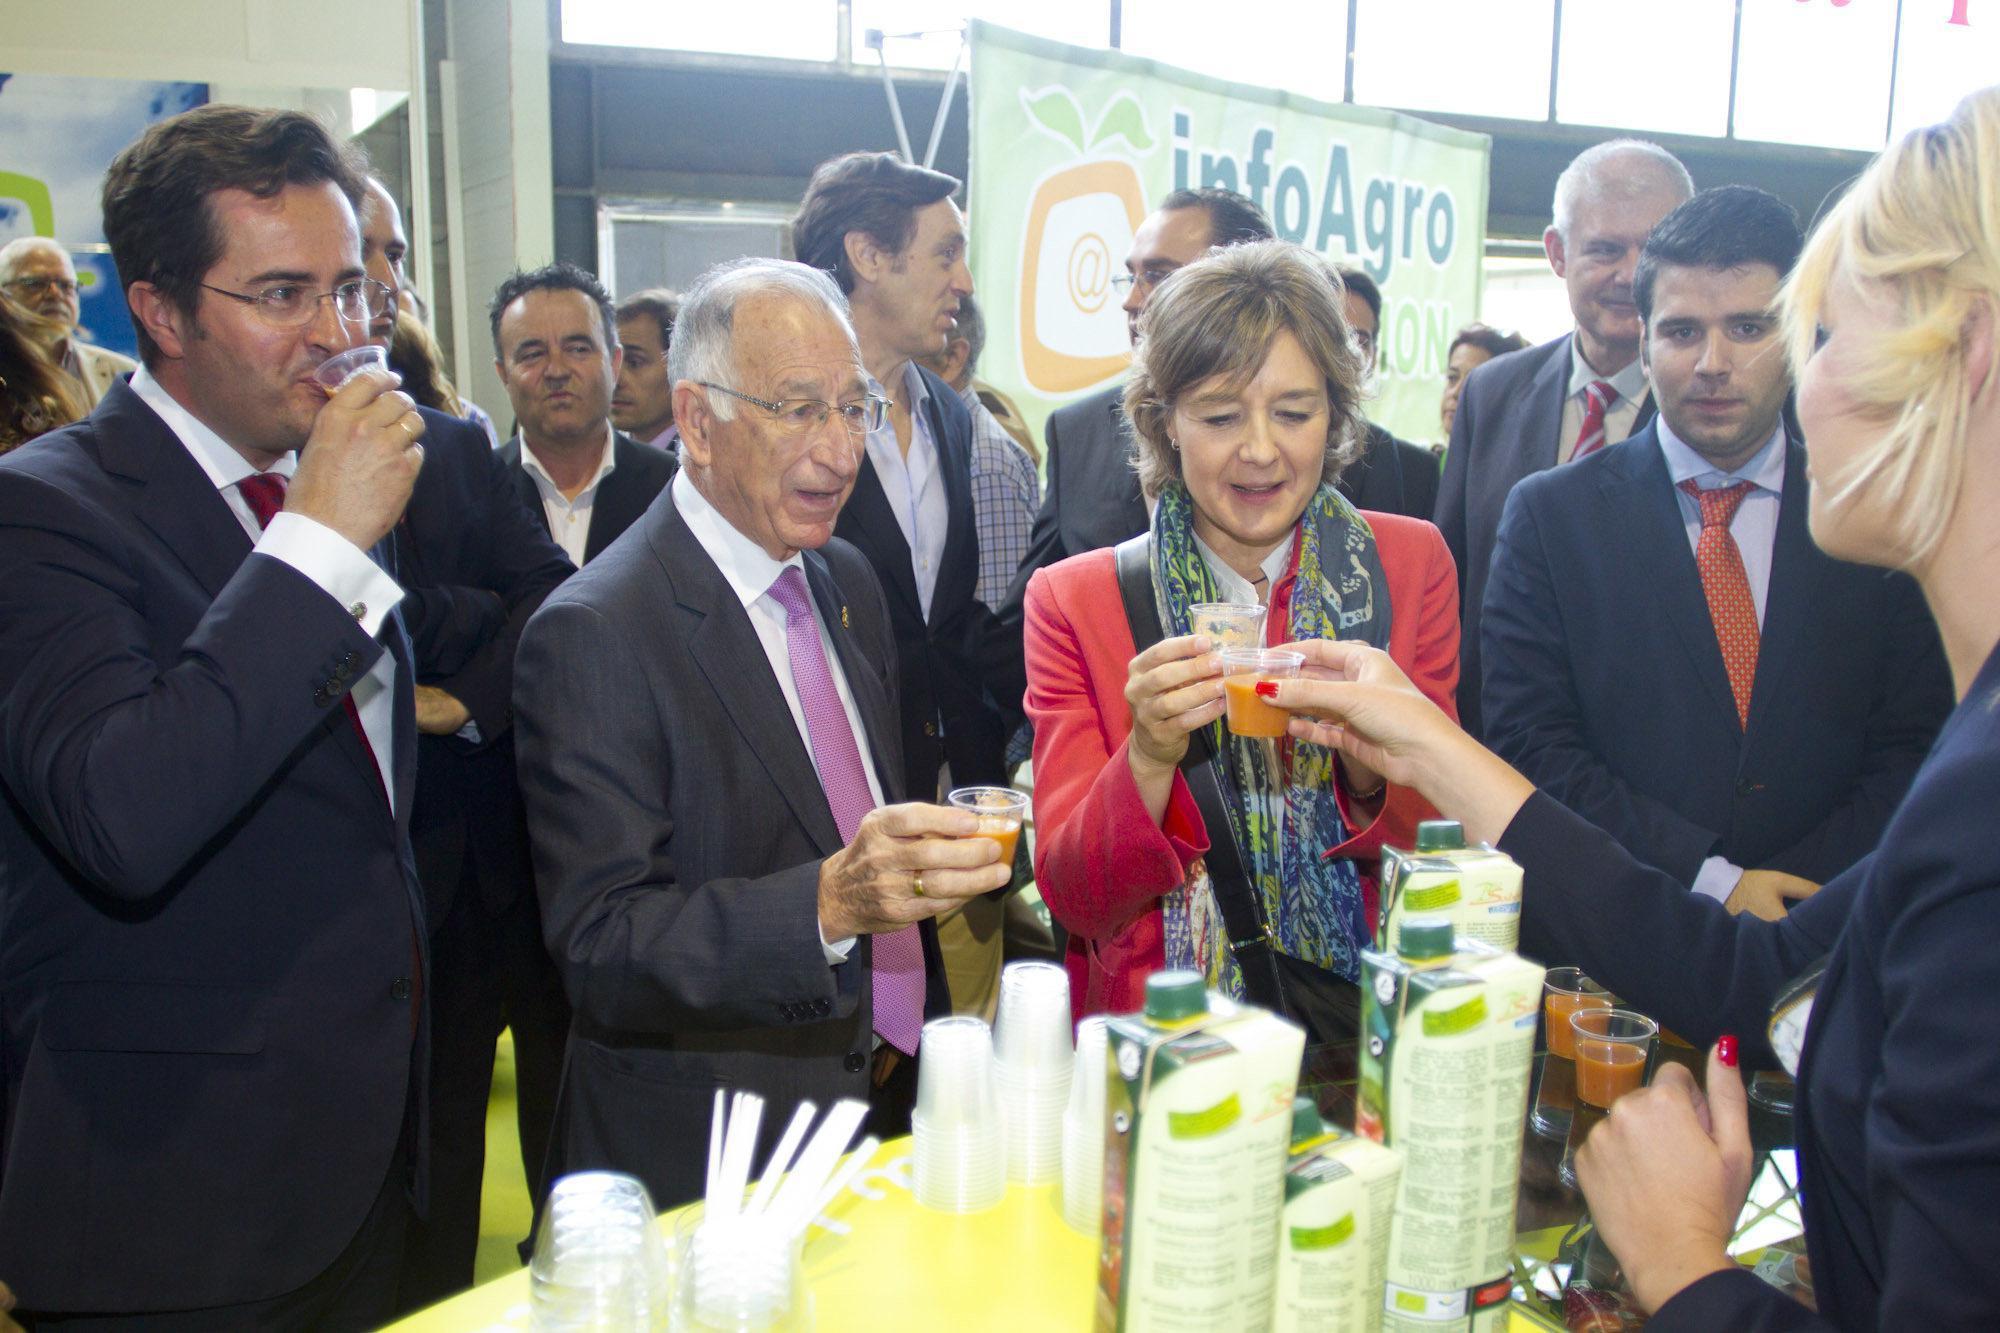 Tejerina y Amat apoyan a las pymes agroalimentarias en su visita a Infoagro Exhibition